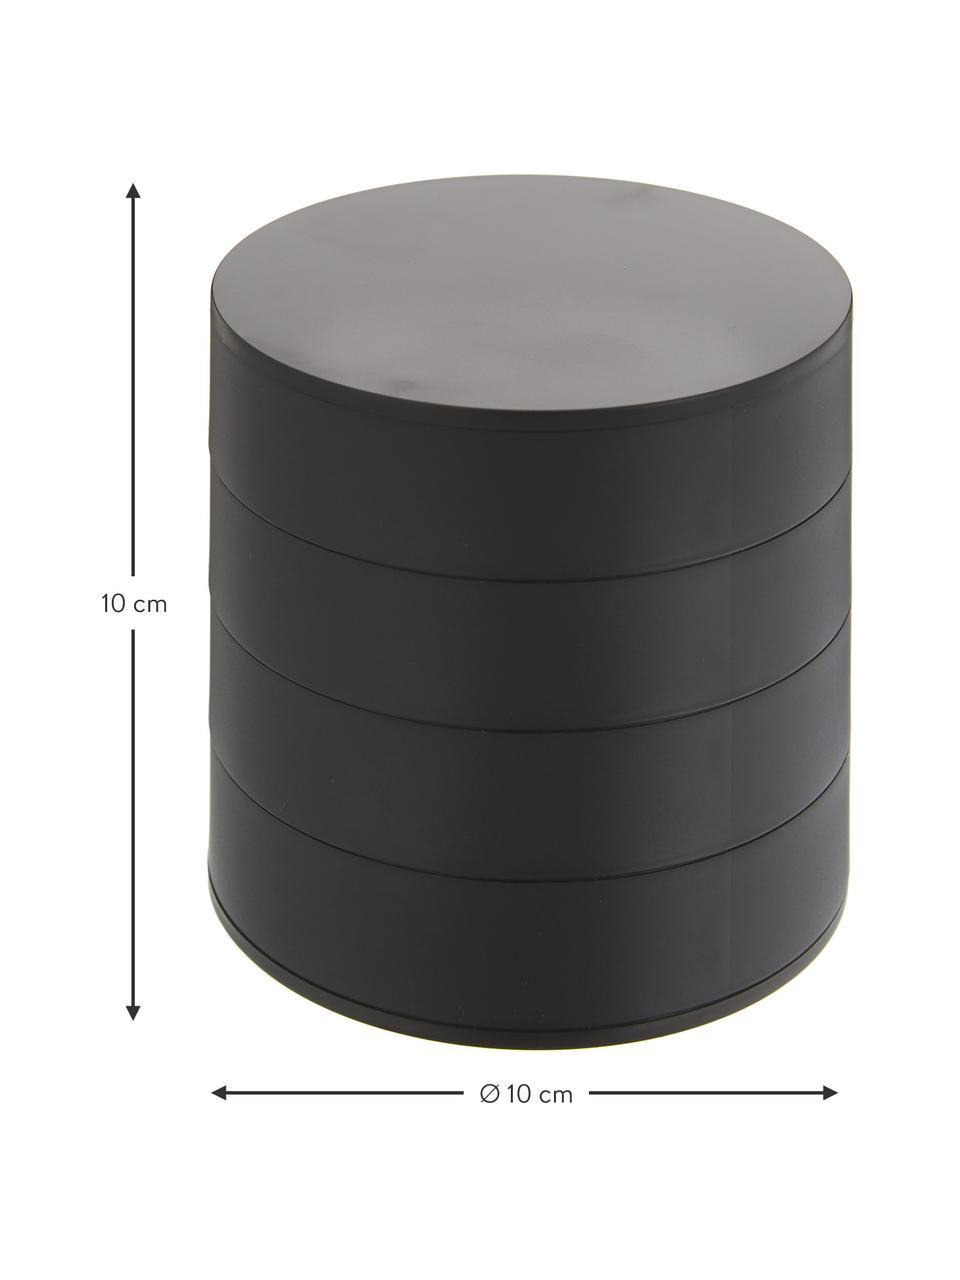 Pudełko na biżuterię Tower, Czarny, Ø 10 x W 10 cm